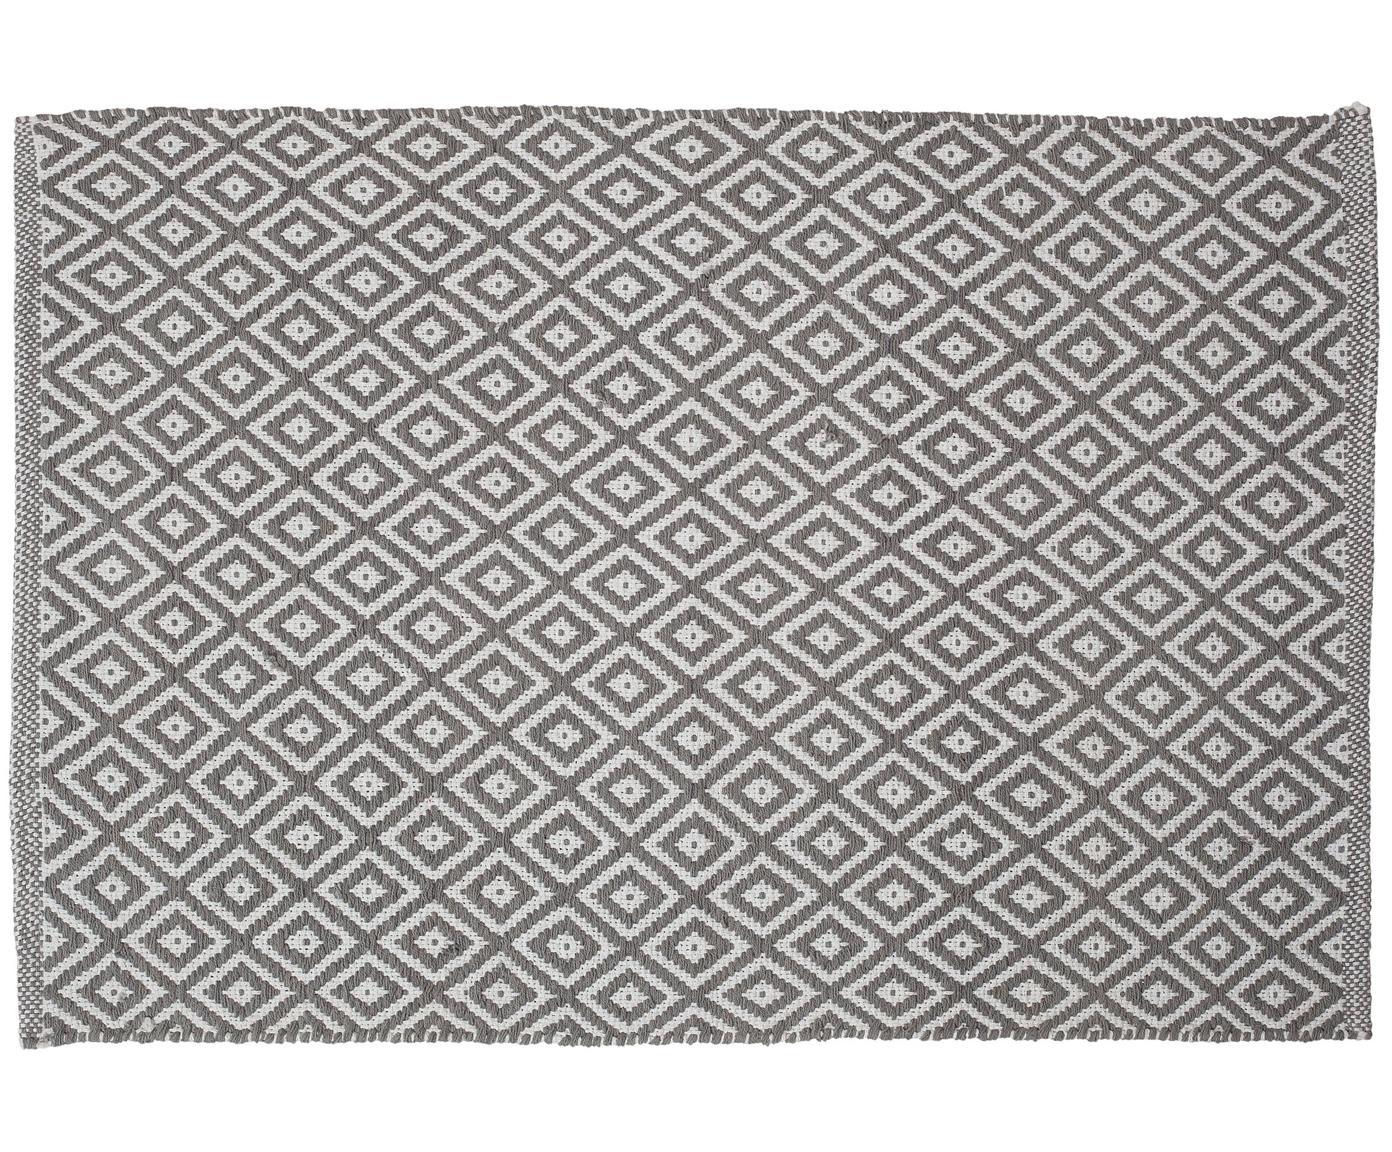 Badmat Erin in boho stijl, grijs/wit, Katoen, Grijs, wit, 60 x 90 cm